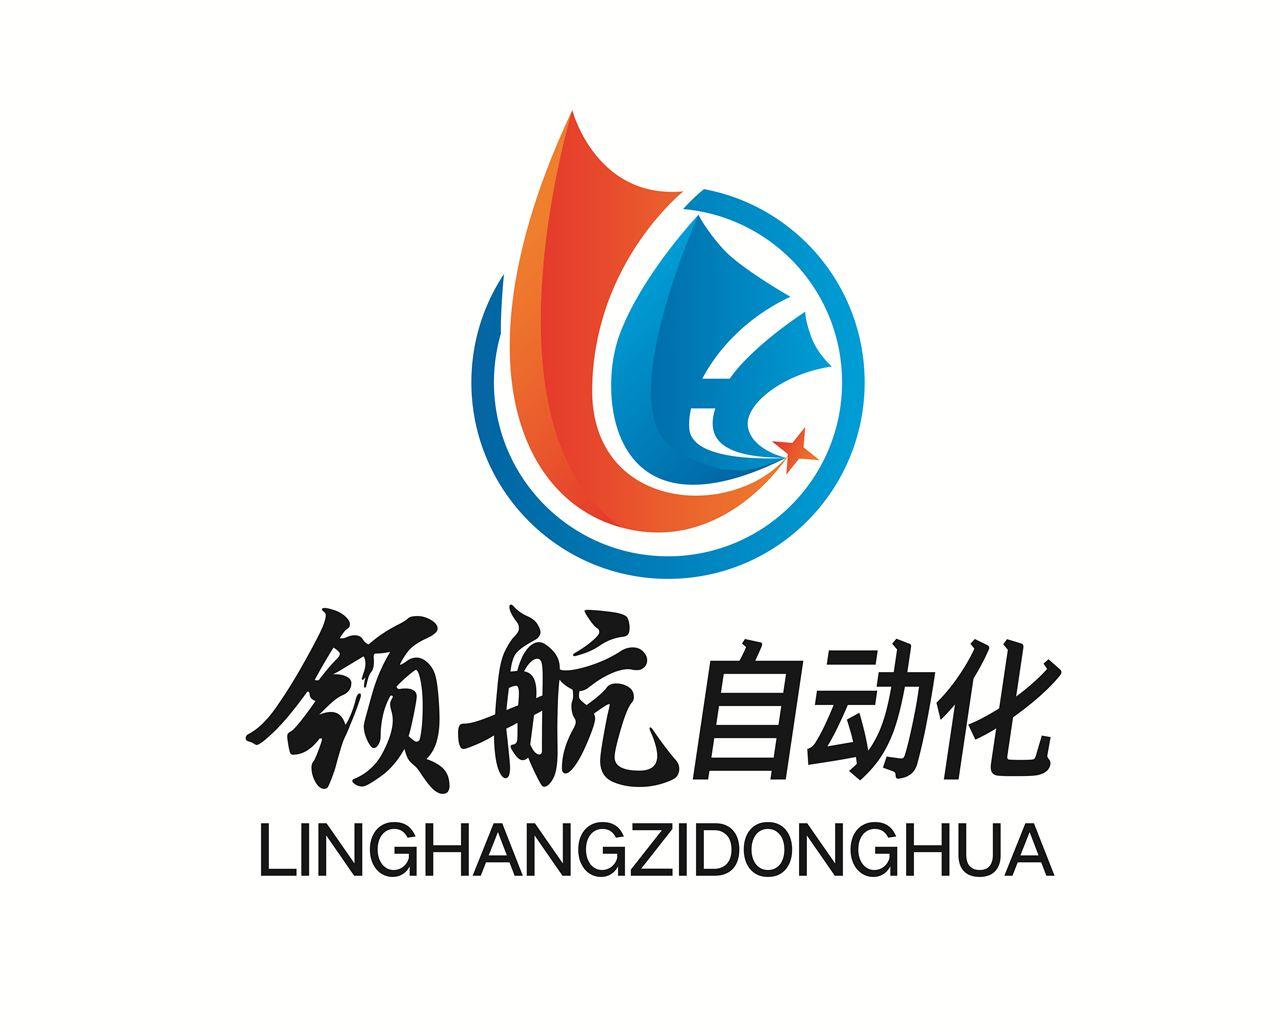 唐山領航自動化設備有限公司